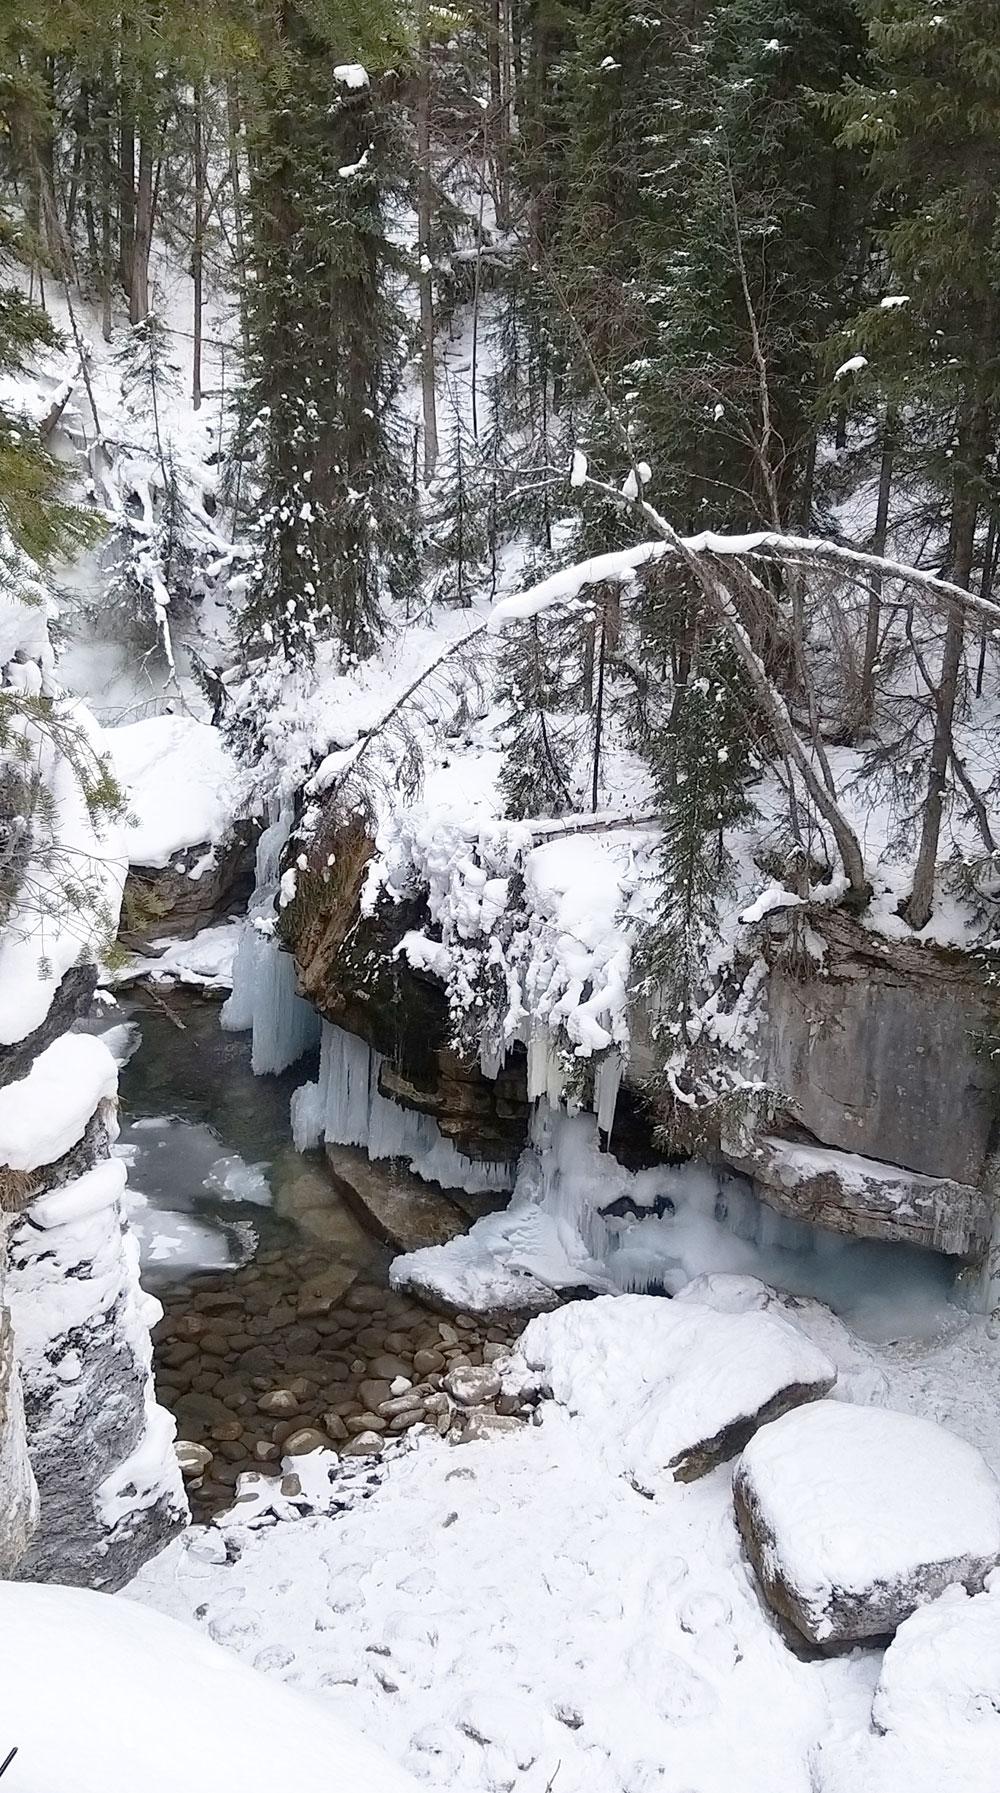 río Jasper nieve Alberta invierno